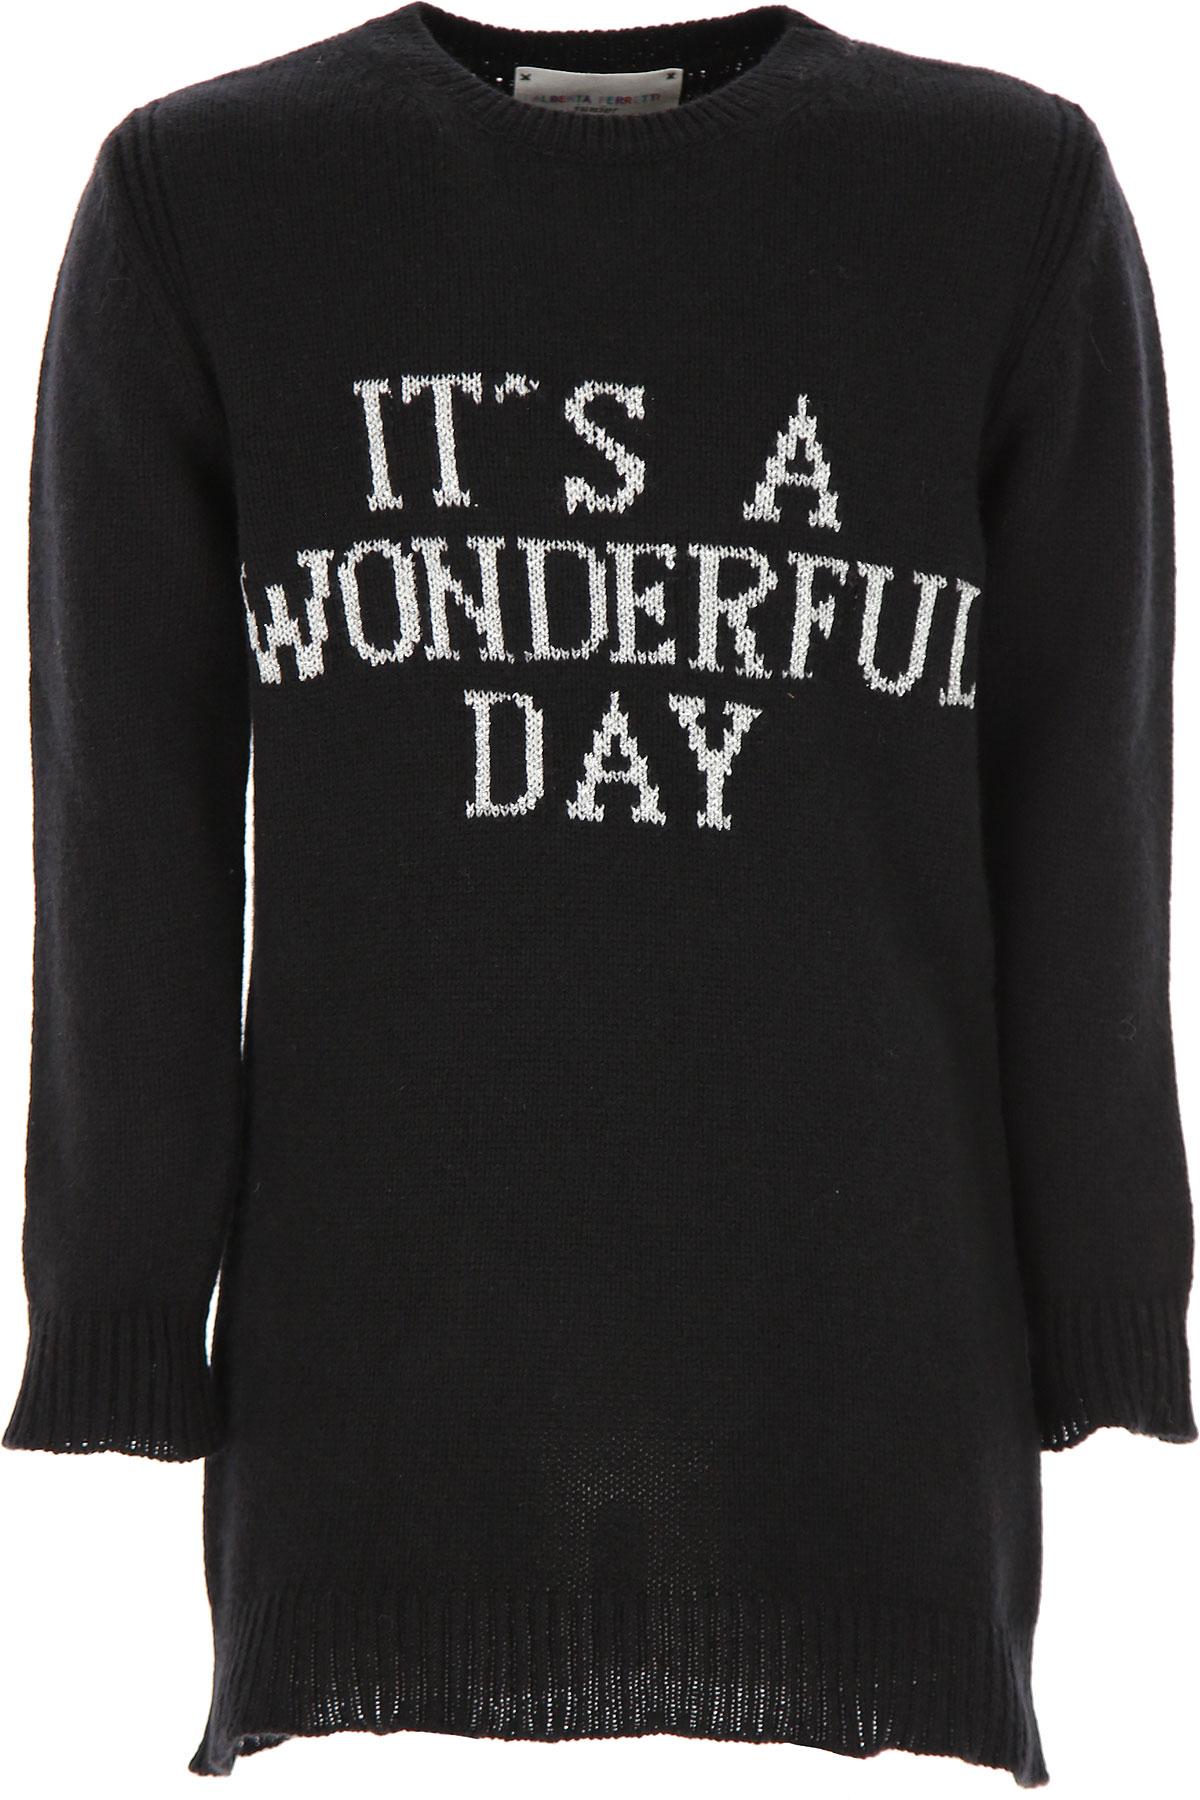 Alberta Ferretti Girls Dress On Sale, Black, Wool, 2019, 6Y 8Y